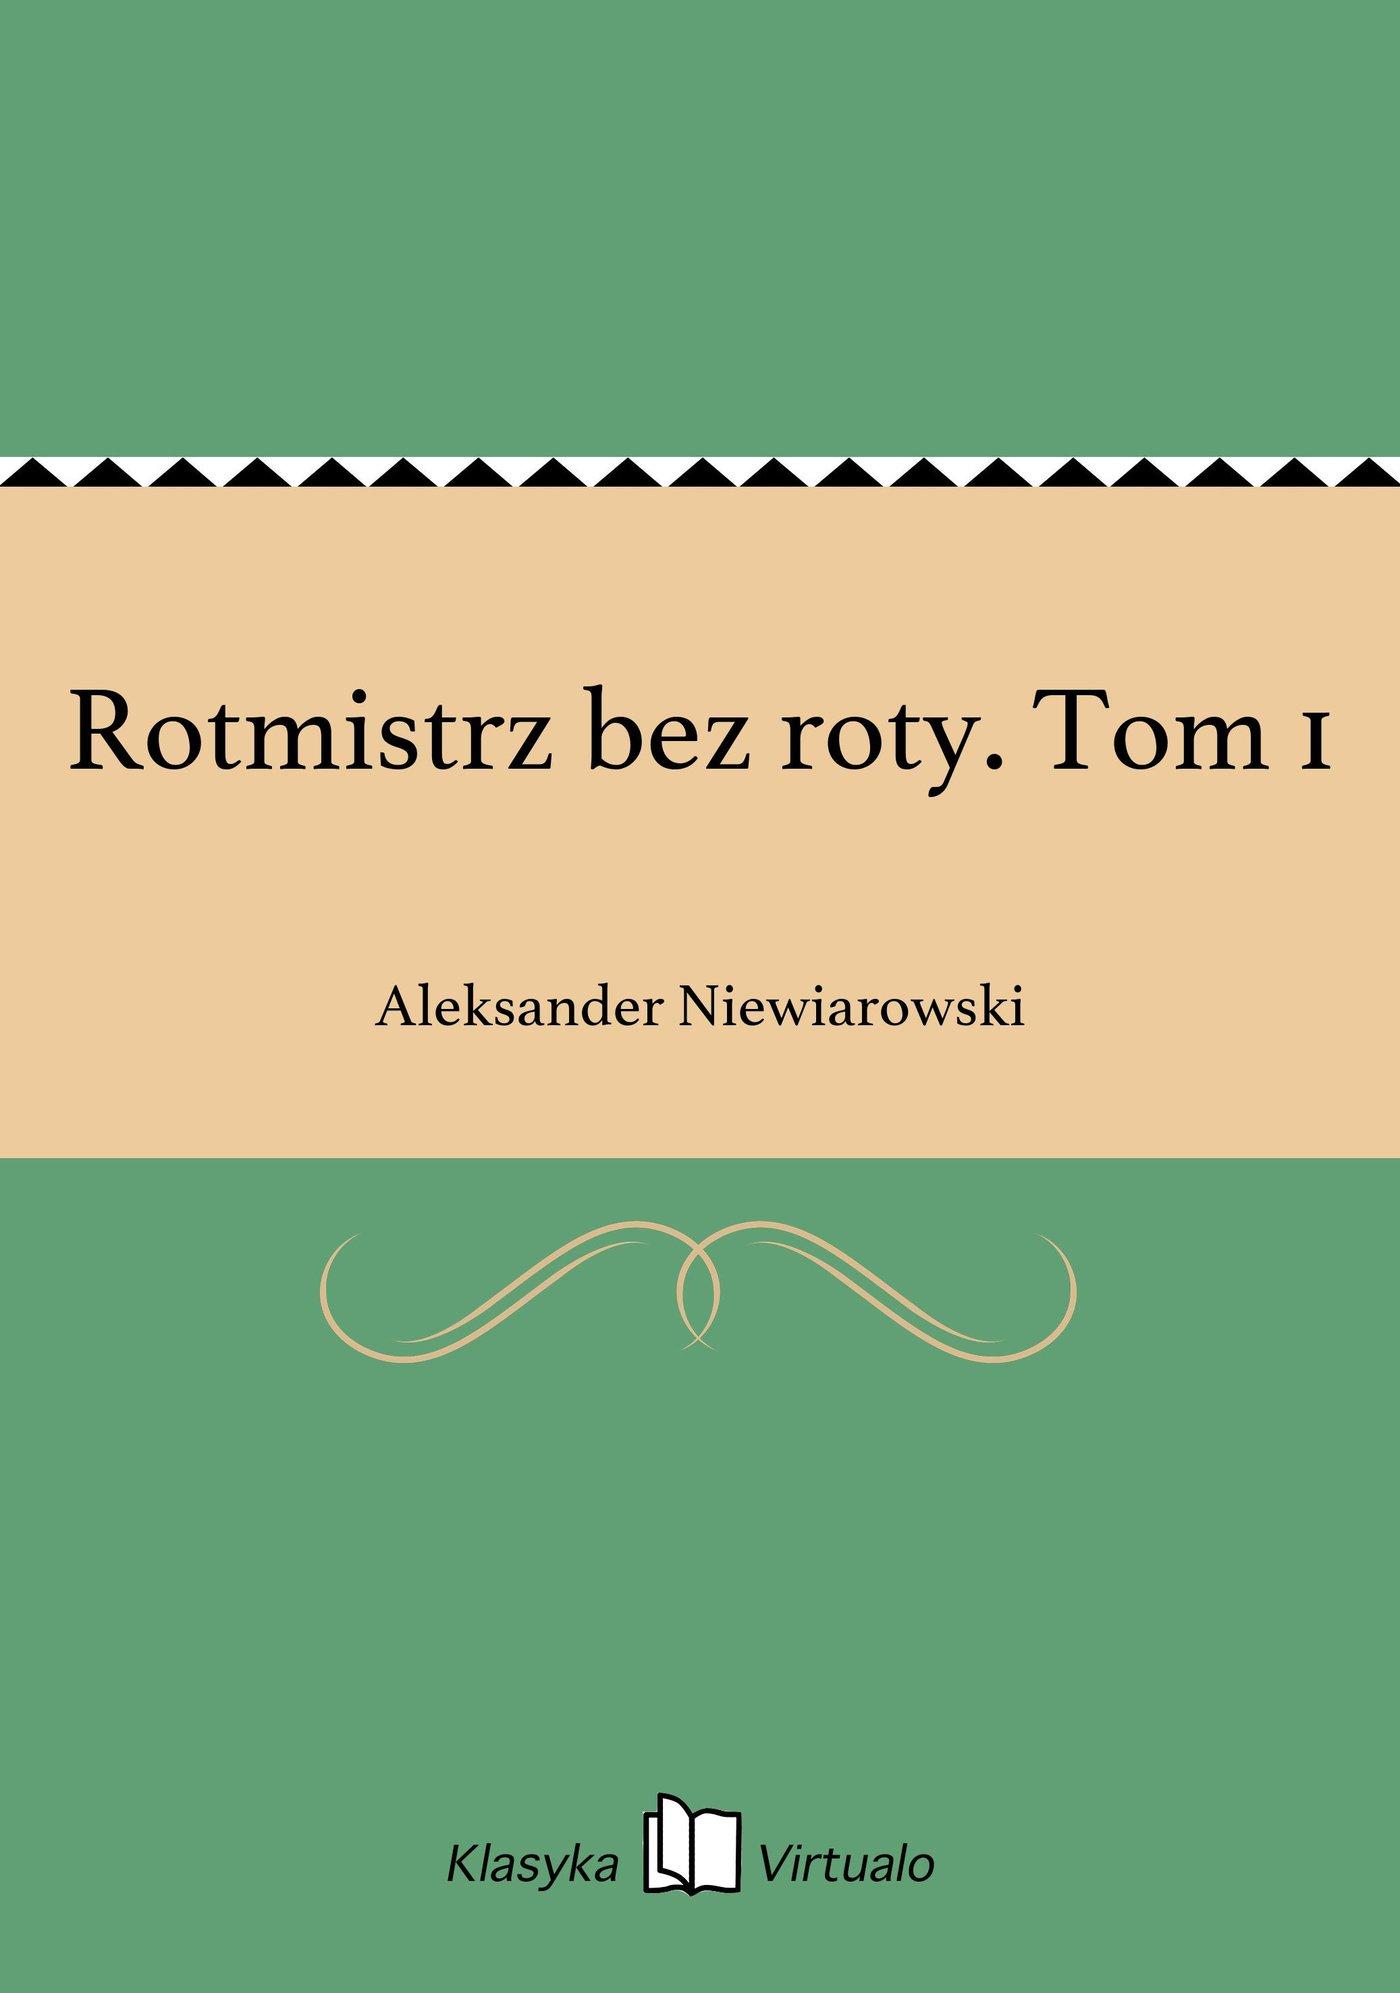 Rotmistrz bez roty. Tom 1 - Ebook (Książka EPUB) do pobrania w formacie EPUB